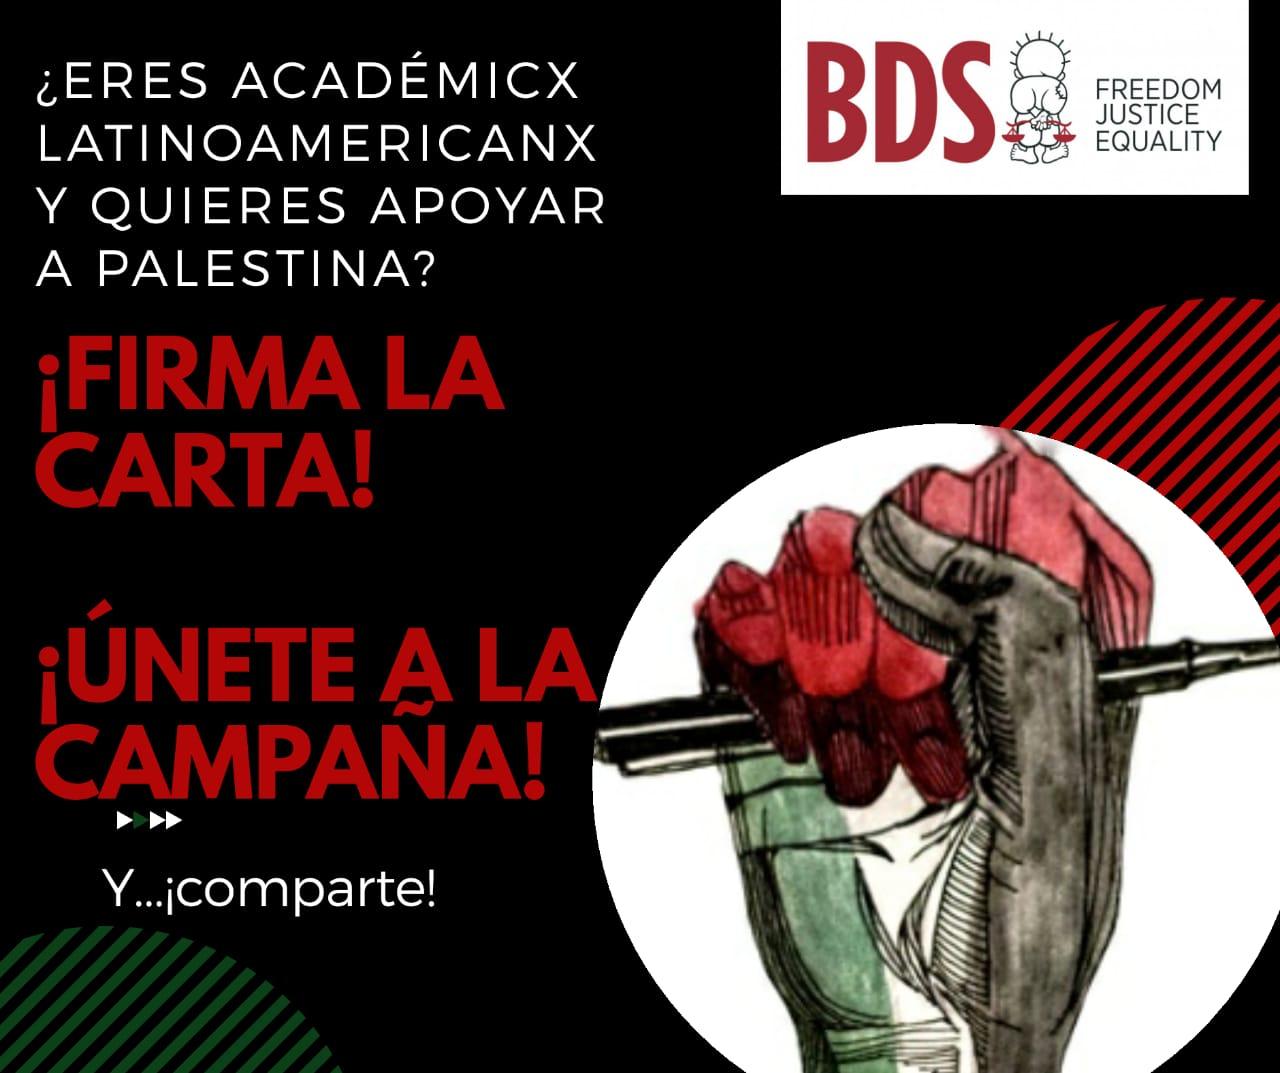 Llamado a lxs Acádemicxs a apoyar a la sociedad civil palestina para acabar con el Apartheid